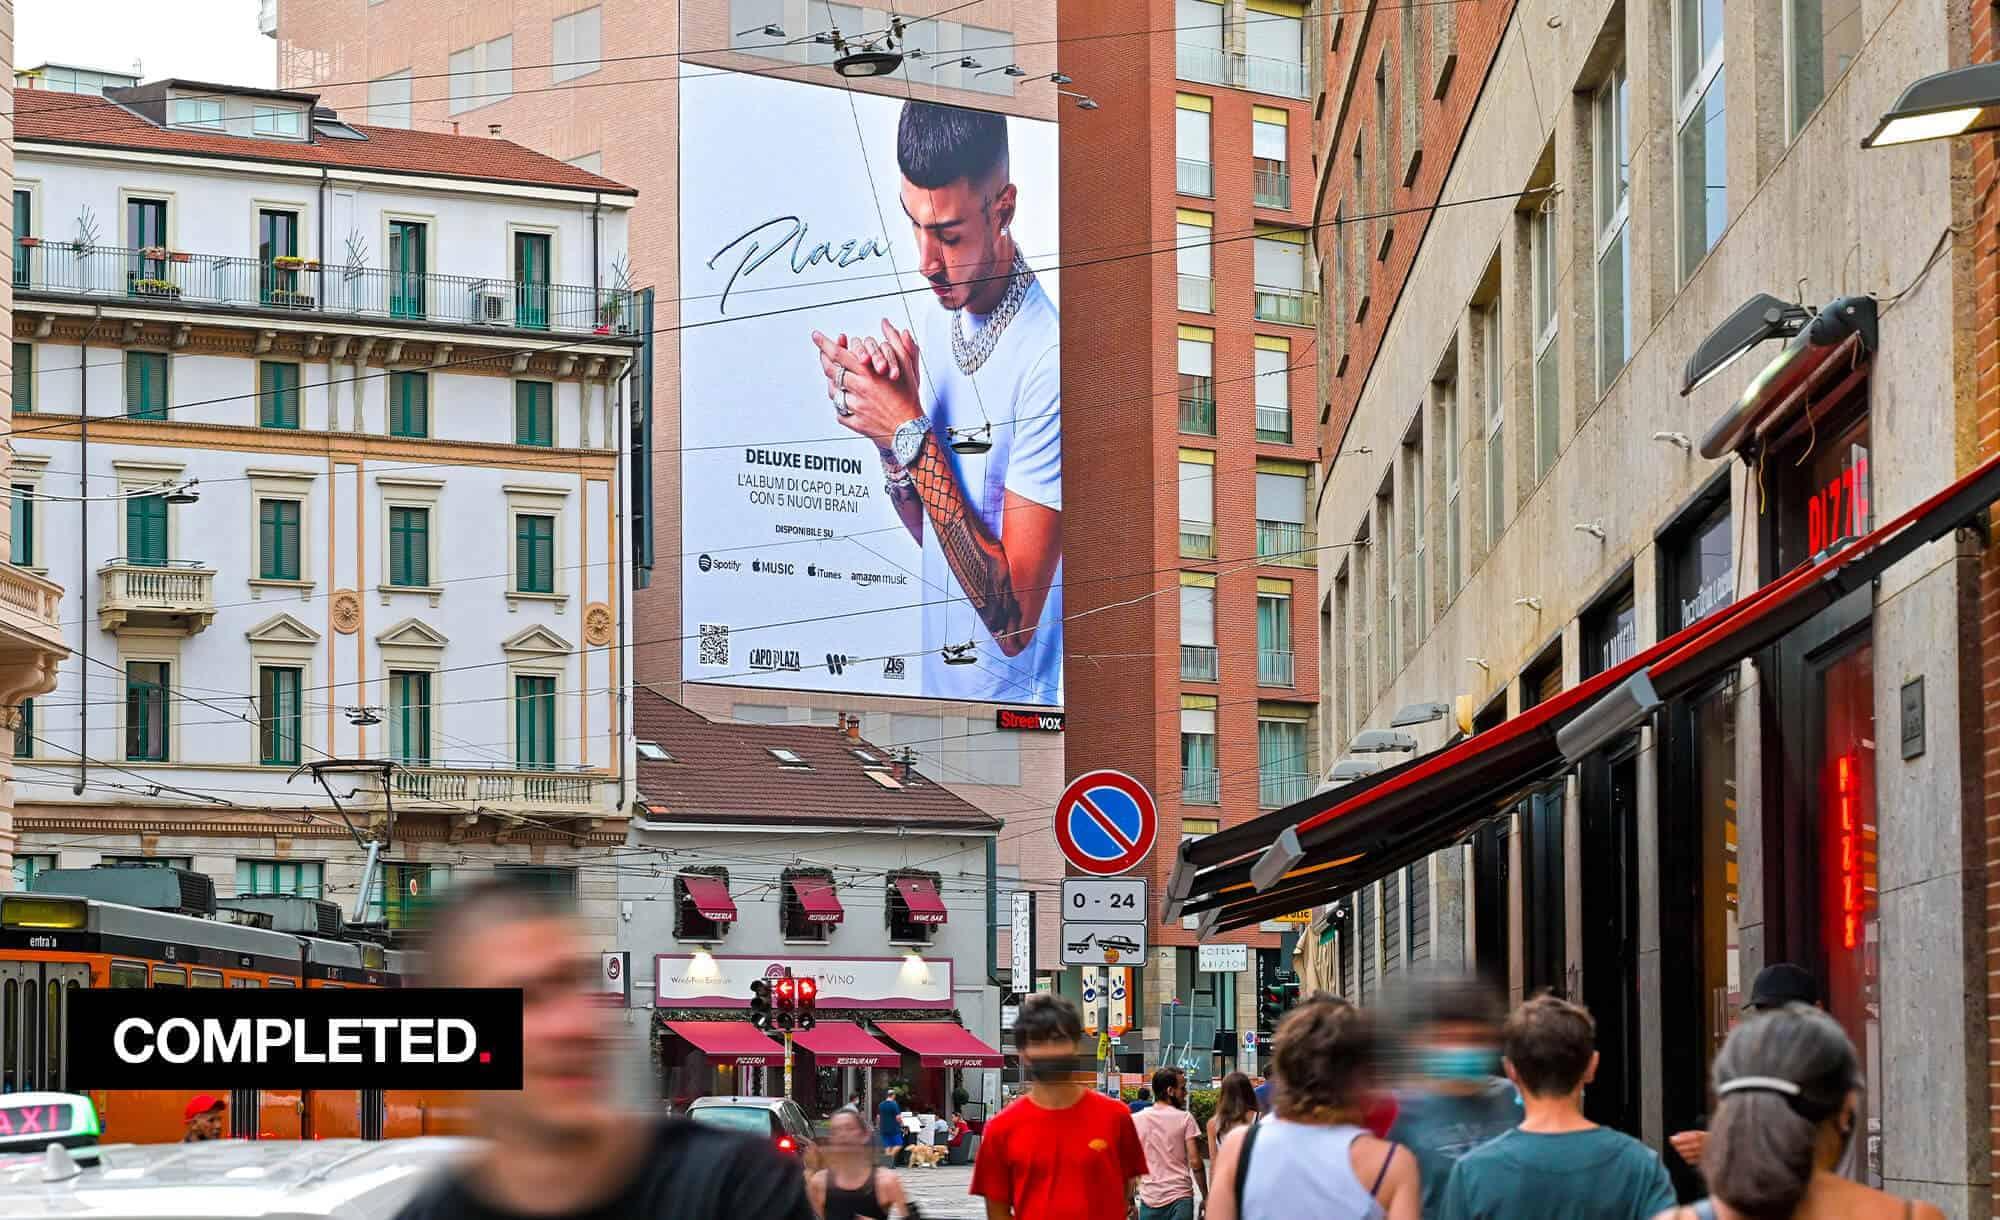 Maxi Affissione a Milano in Largo Carrobbio con Warner Music e Capo Plaza (Entertainment)